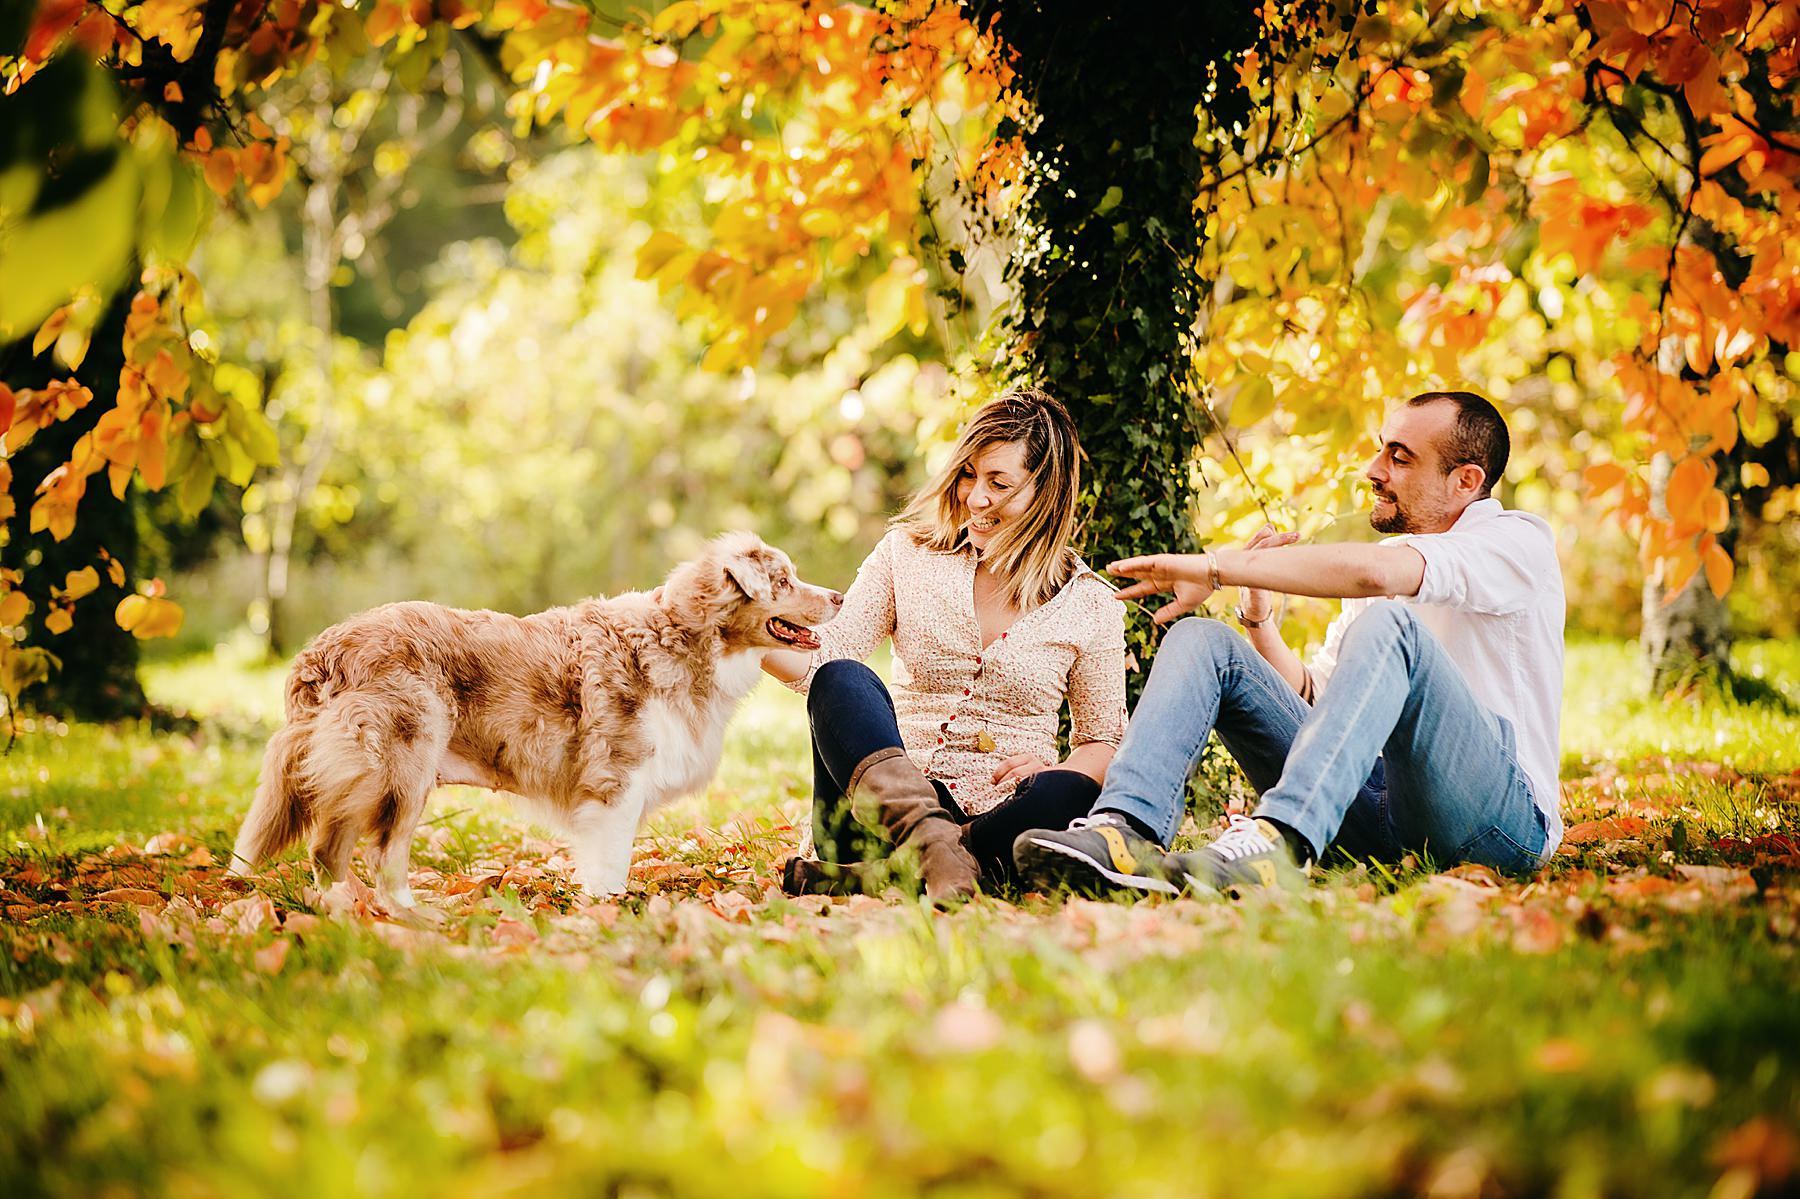 Servizio fotografico di coppia all'aperto in autunno